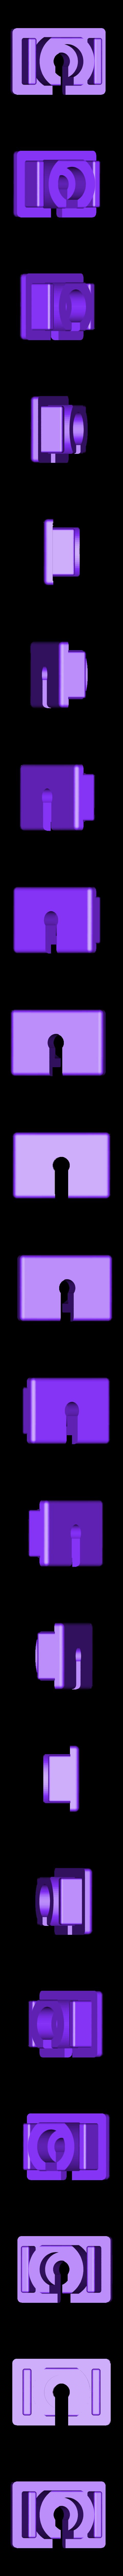 CR10_USB-mount_by_Baschz-Leeft_BOTTOM.stl Télécharger fichier STL gratuit Support USB pour extrusion en V (par exemple CR-10, Tevo Tornado, Anycubic Kossel, Anet E10) • Design pour impression 3D, baschz